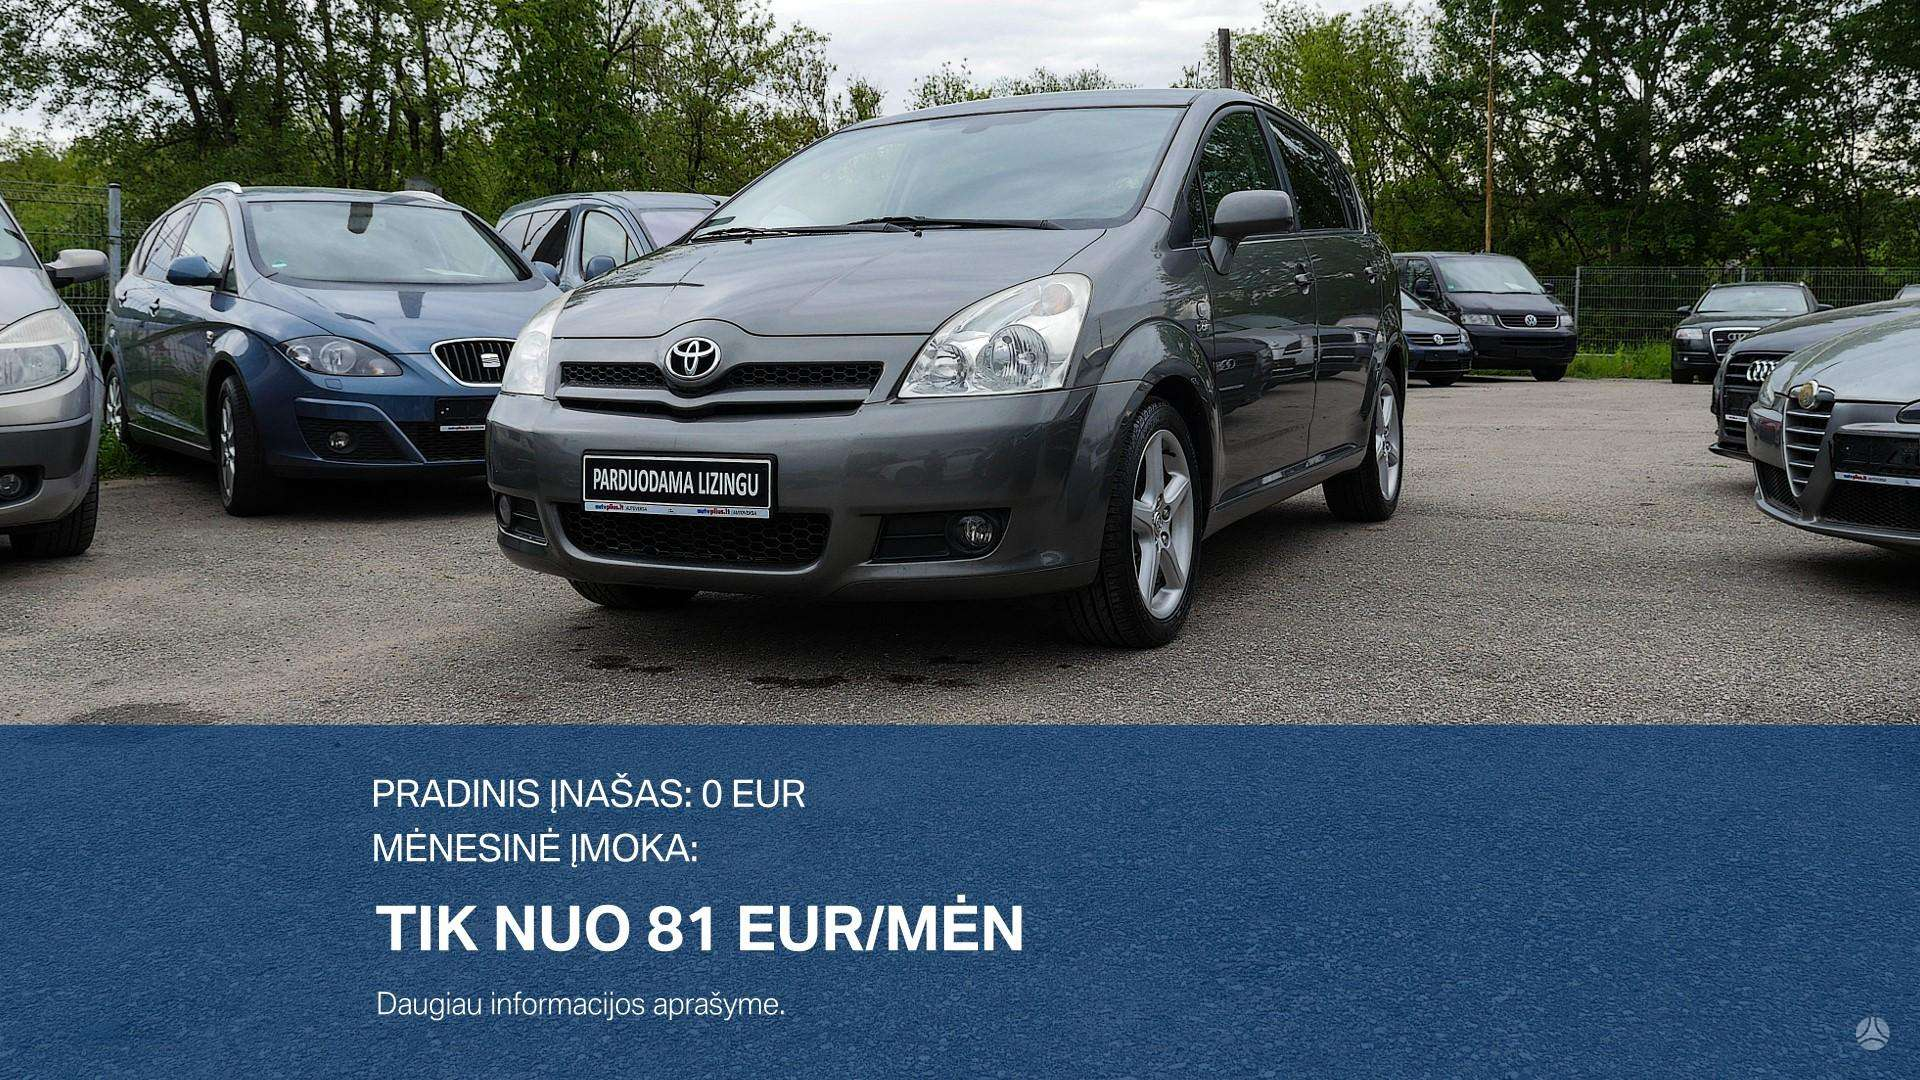 Toyota Corolla Verso išsimokėtinai nuo 81Eur/Mėn su 3 mėnesių garantija